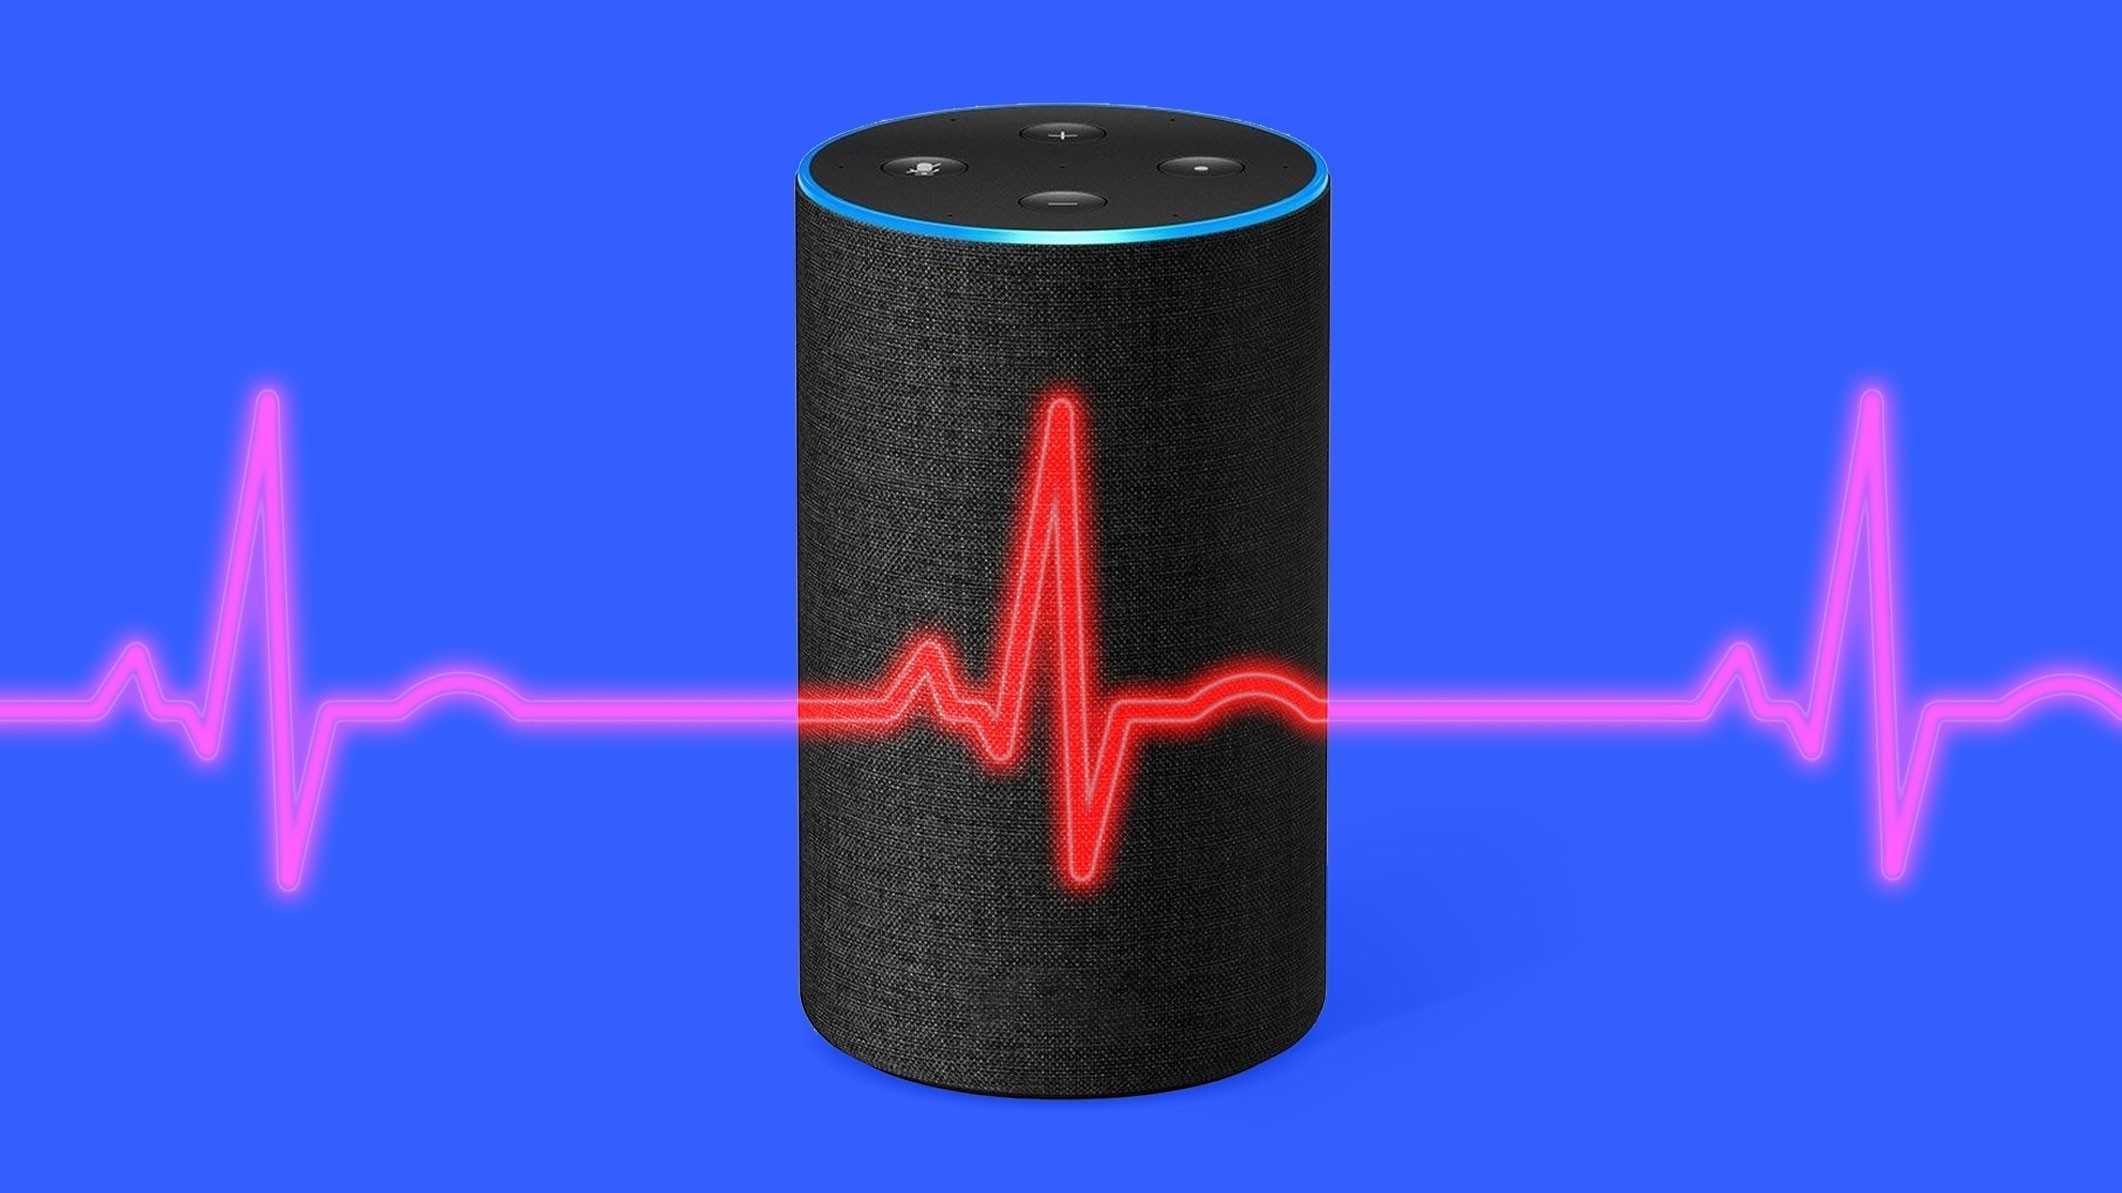 Maschinenlern-System soll Anzeichen für Herzstillstand erkennen und Hilfe rufen